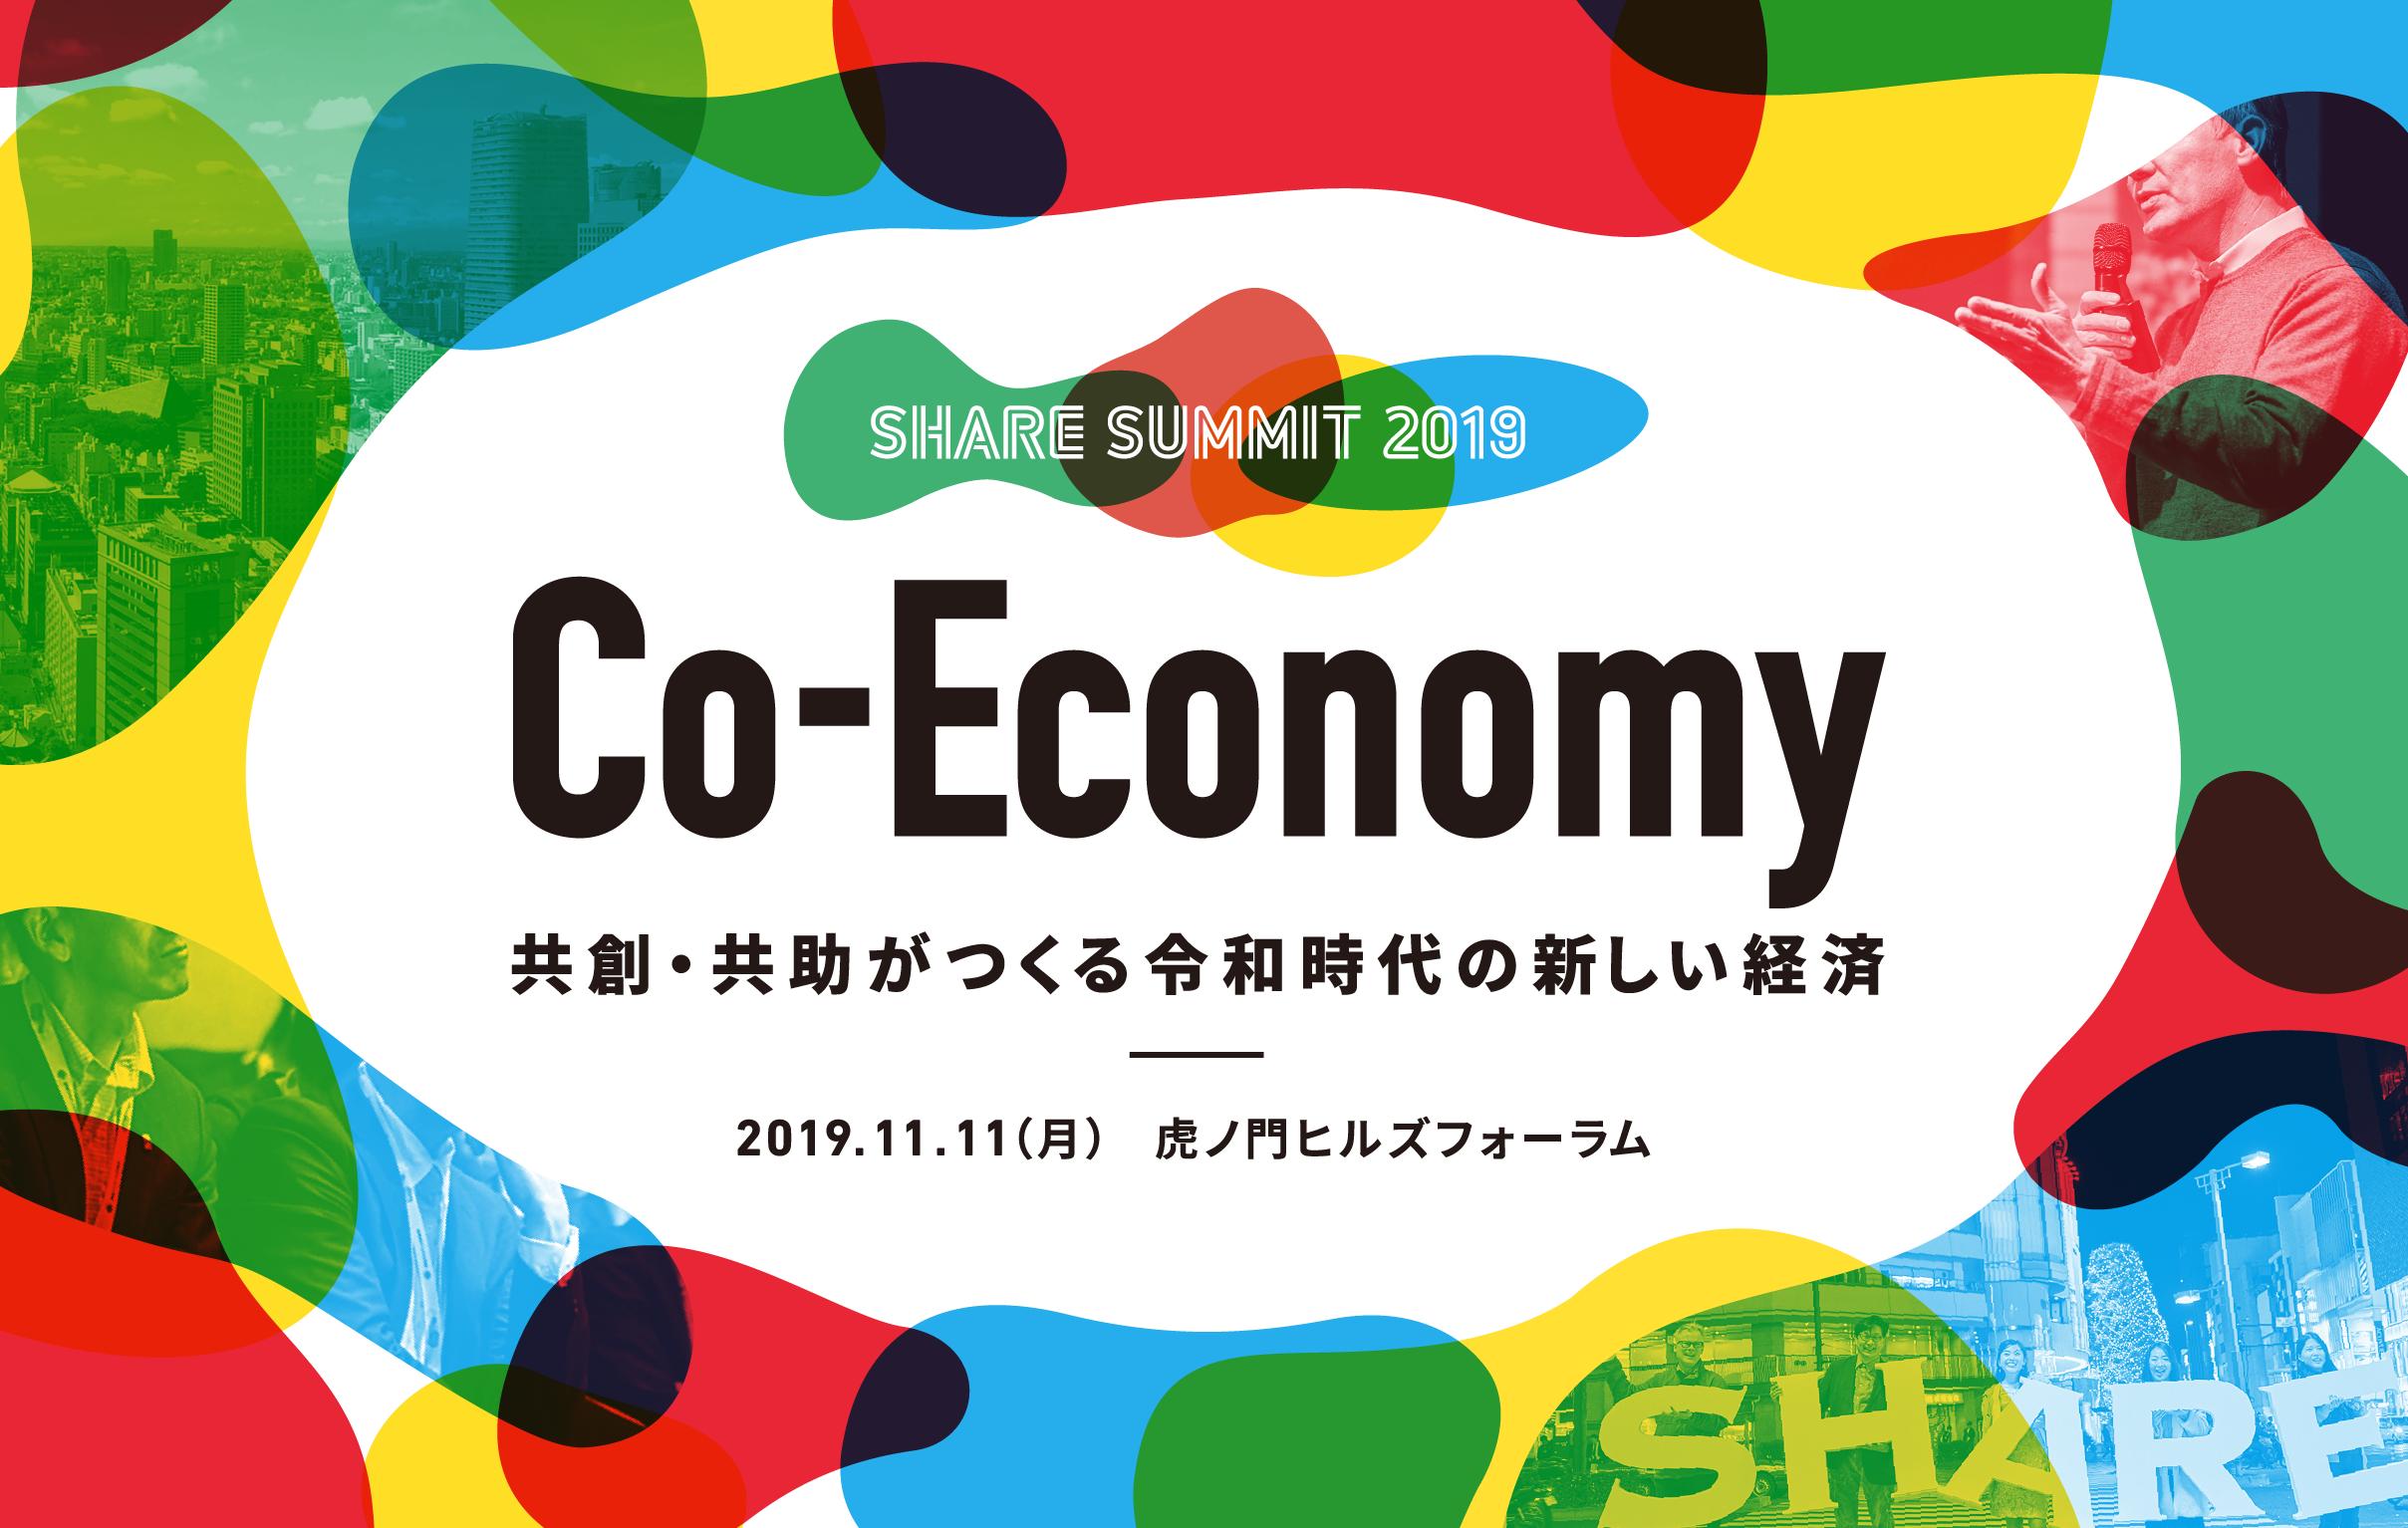 SHARE SUMMIT 2019 掲載記事一覧(随時更新)